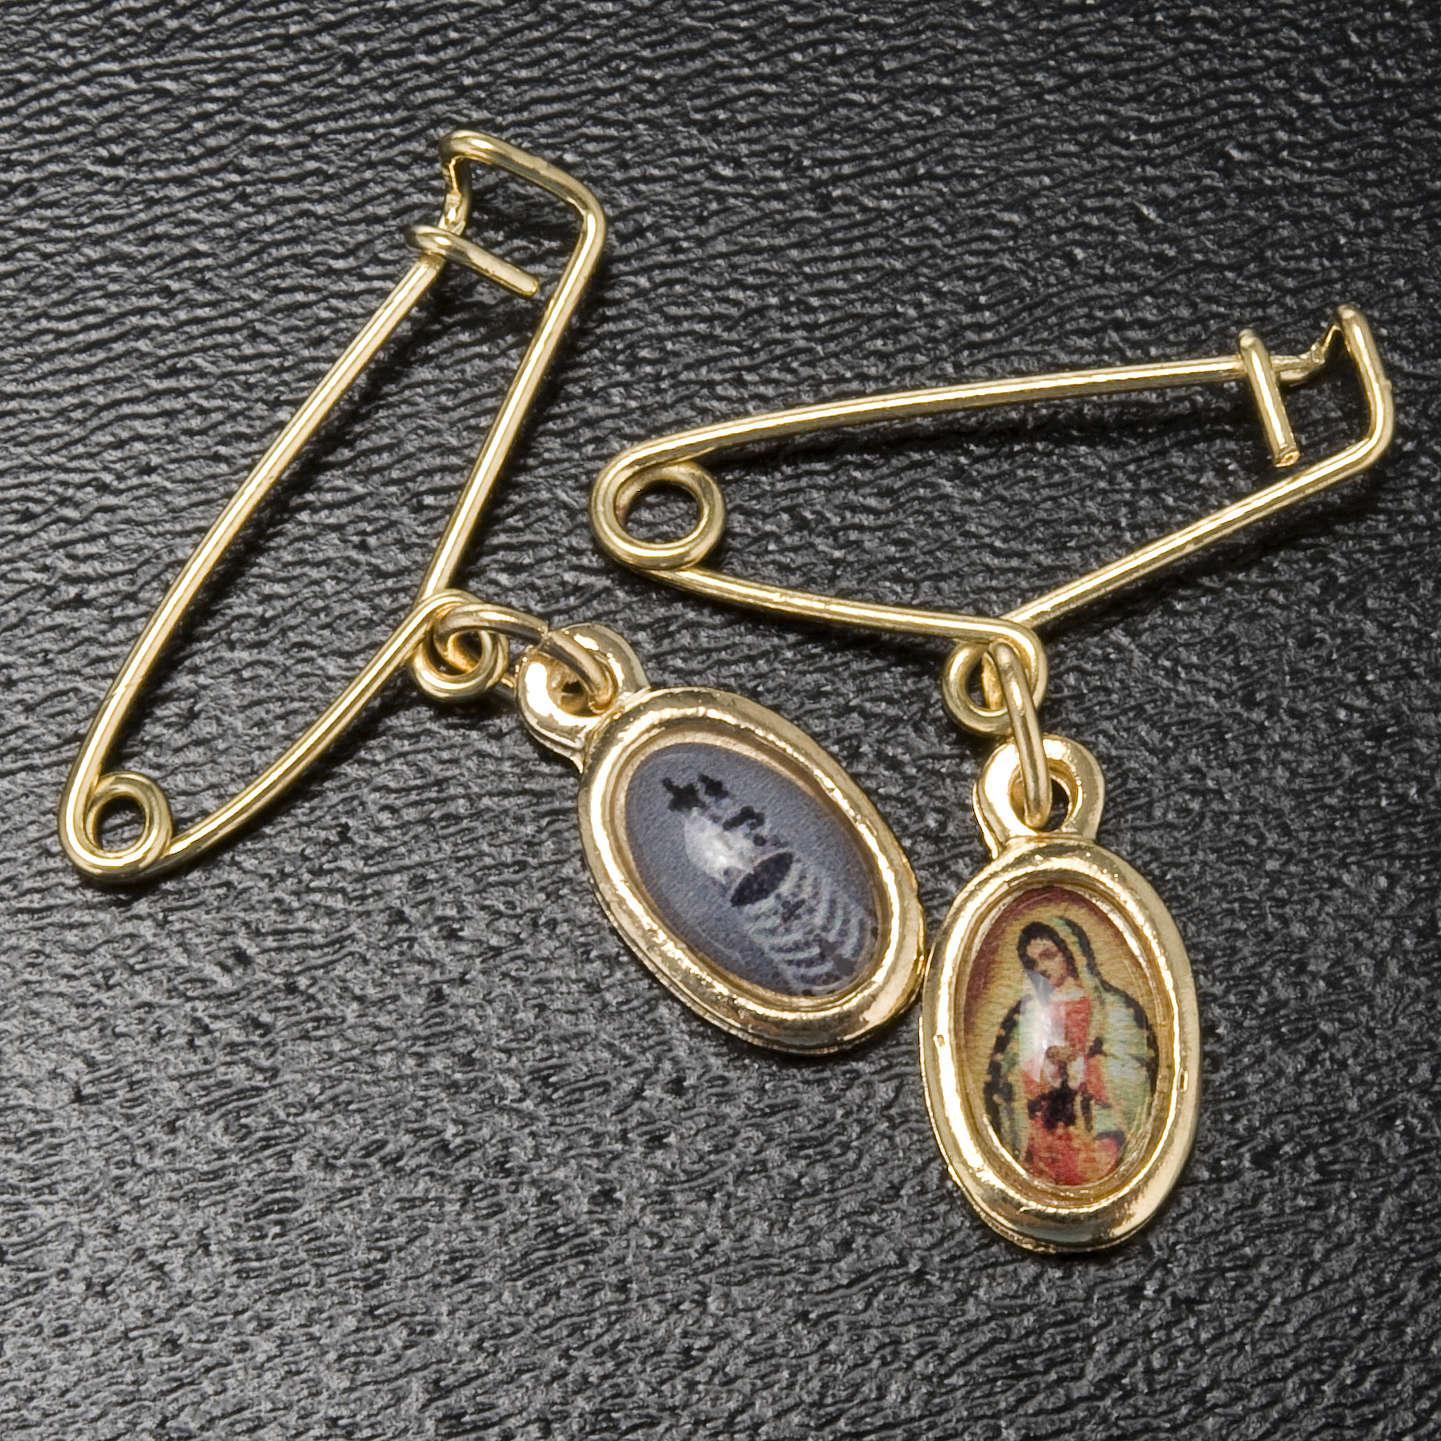 Medaglia con spilla Madonna Guadalupe - Loreto 4